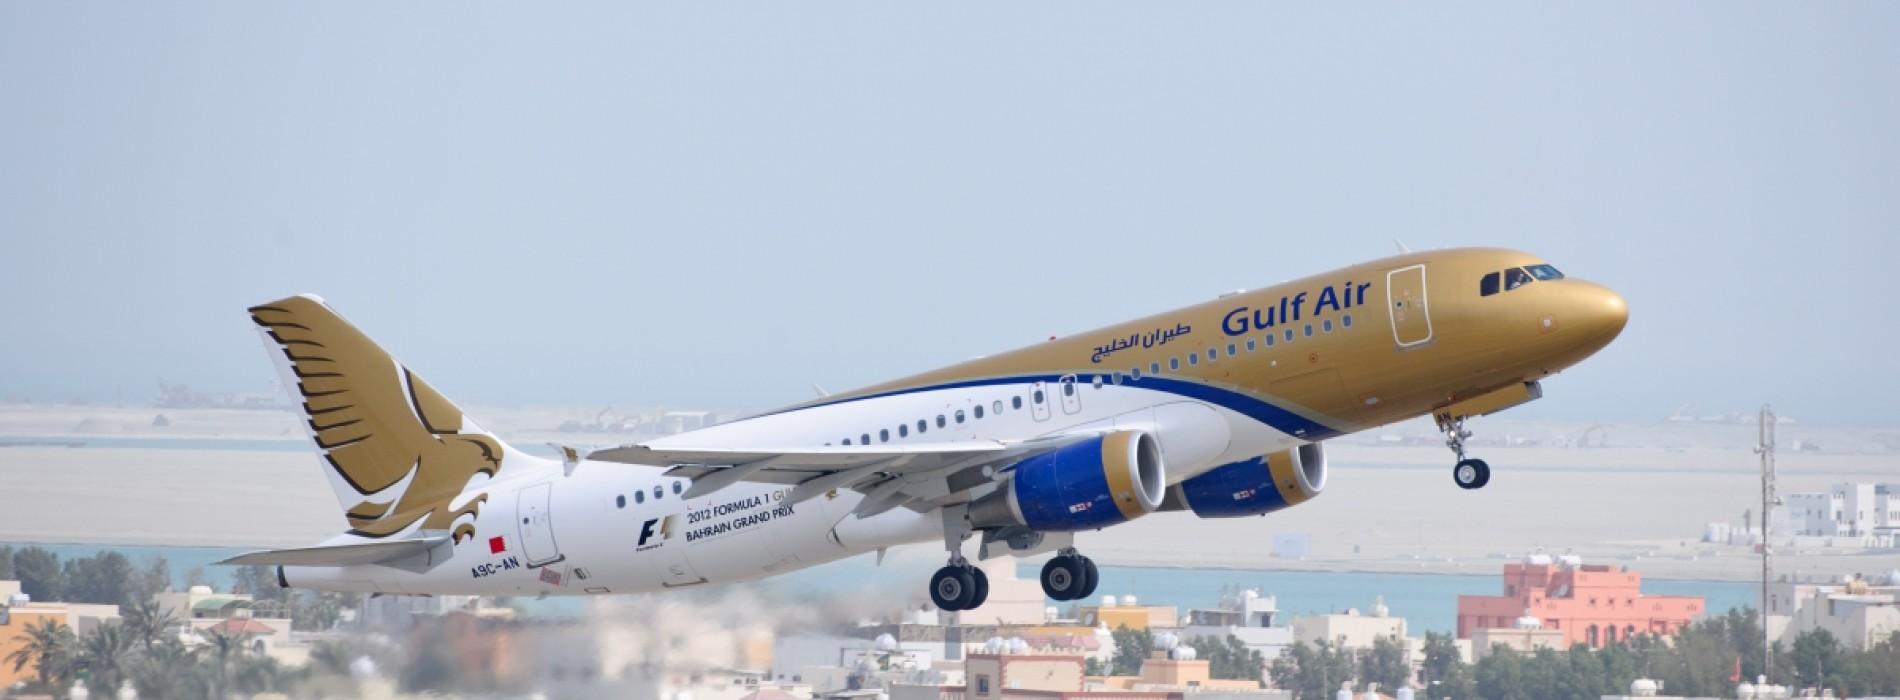 Gulf Air launches Bahrain Tourist Visa service